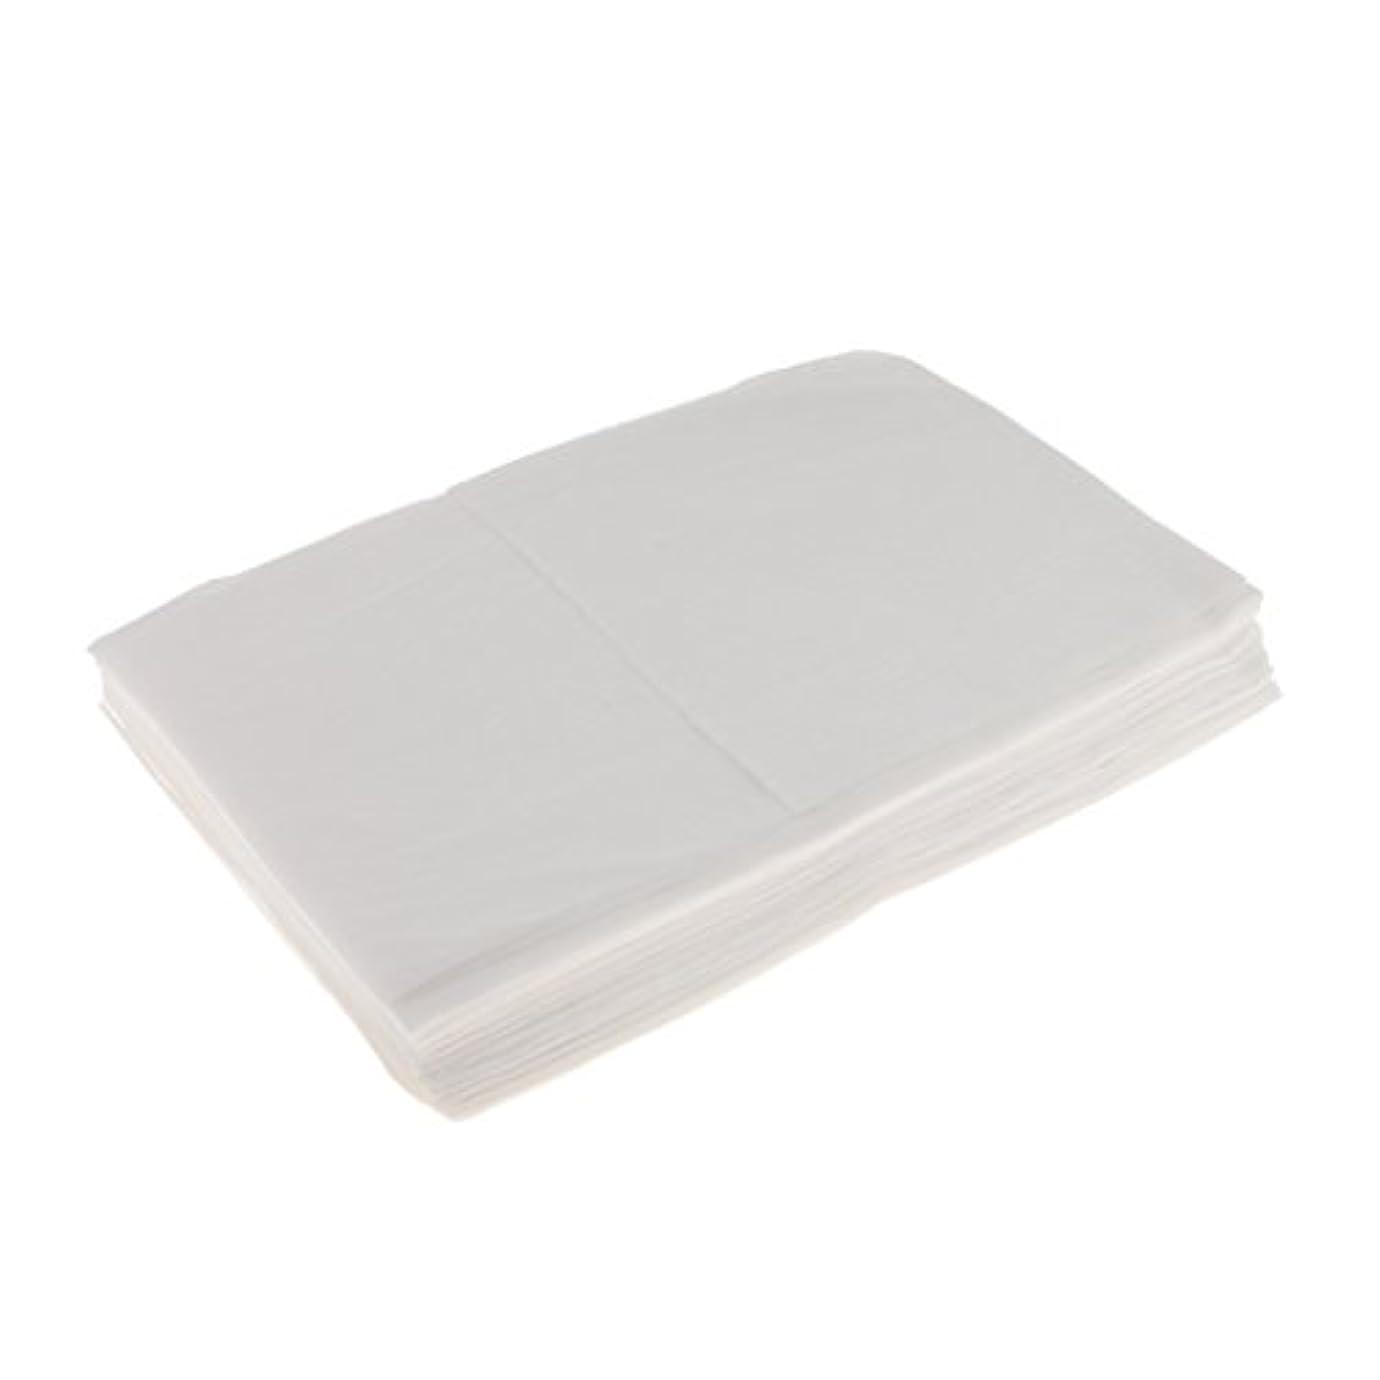 静脈優雅名義で10枚 使い捨て ベッドシーツ 美容 マッサージ サロン ホテル ベッドパッド カバー シート 2色選べ - 白